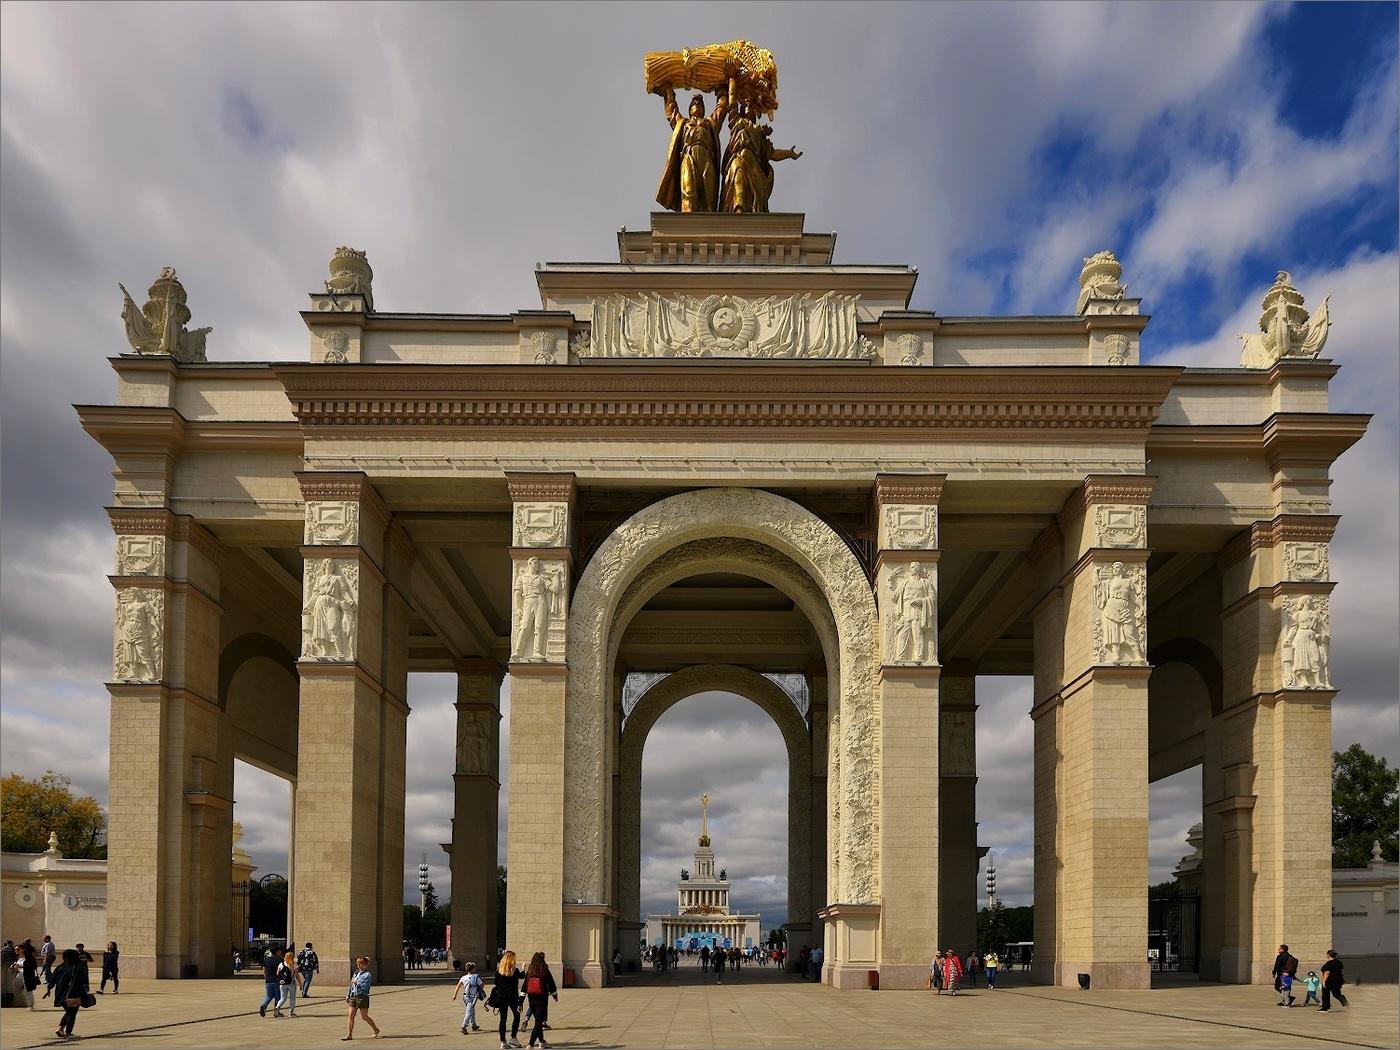 наличии широкий триумфальные арки мира фото звезды стараются